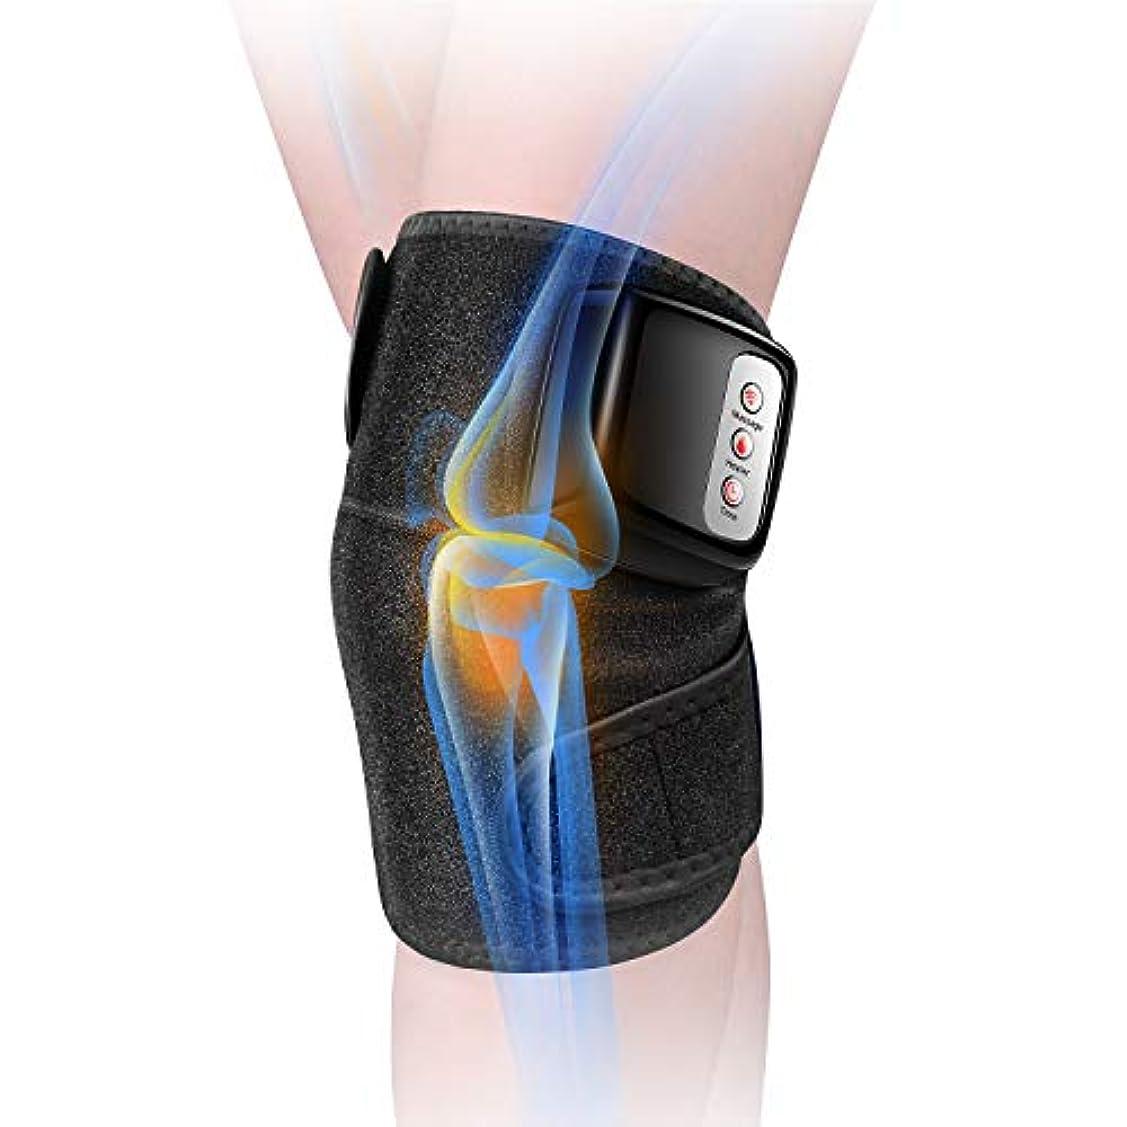 お茶いらいらするマウス膝マッサージャー 関節マッサージャー マッサージ器 フットマッサージャー 振動 赤外線療法 温熱療法 膝サポーター ストレス解消 肩 太もも/腕対応